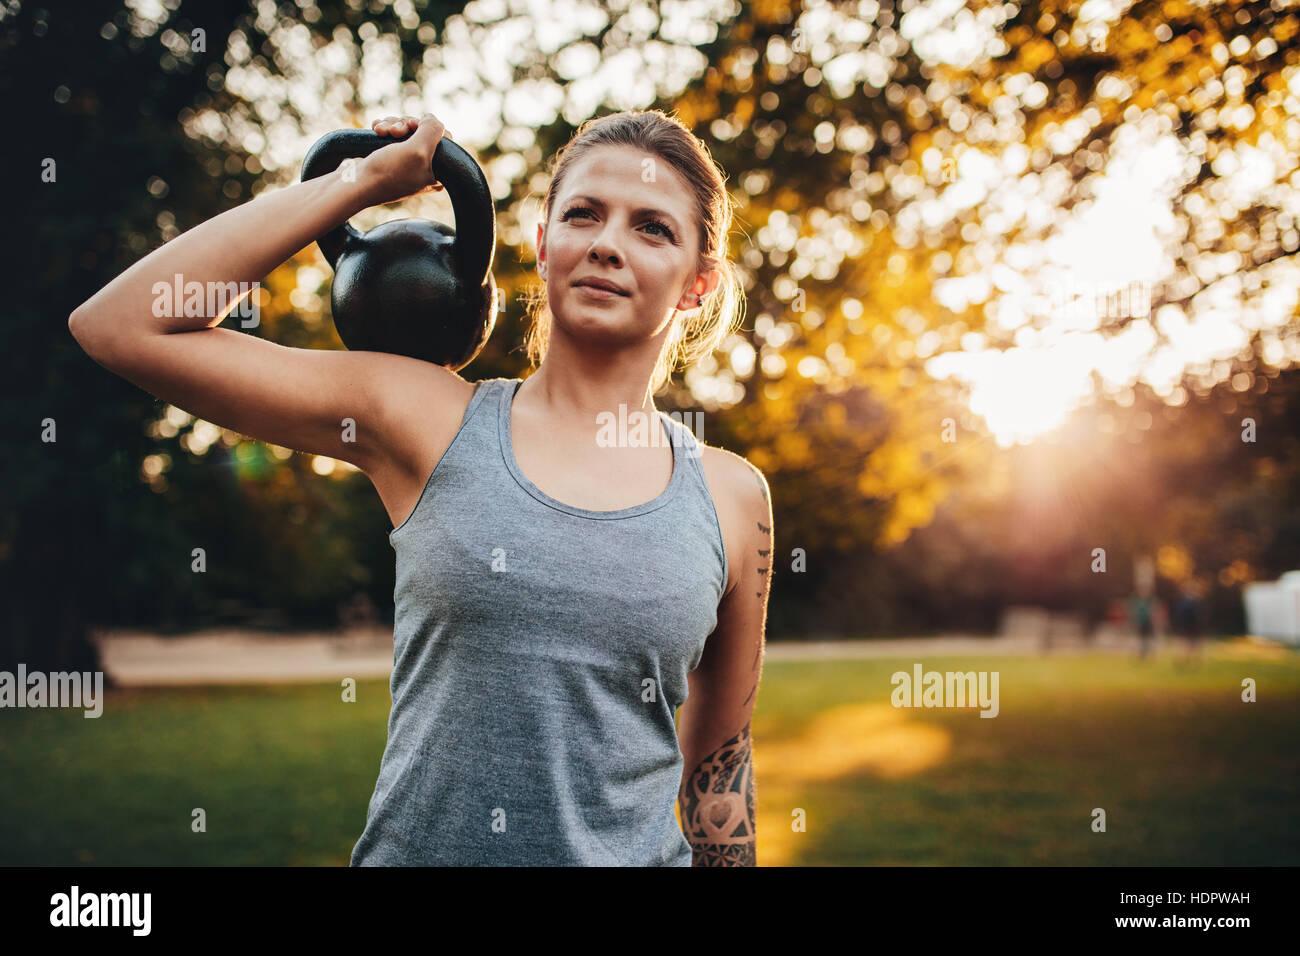 Portrait de jeune femme fit avec kettlebell poids dans le parc. Femme de remise en forme avec des poids de formation Photo Stock